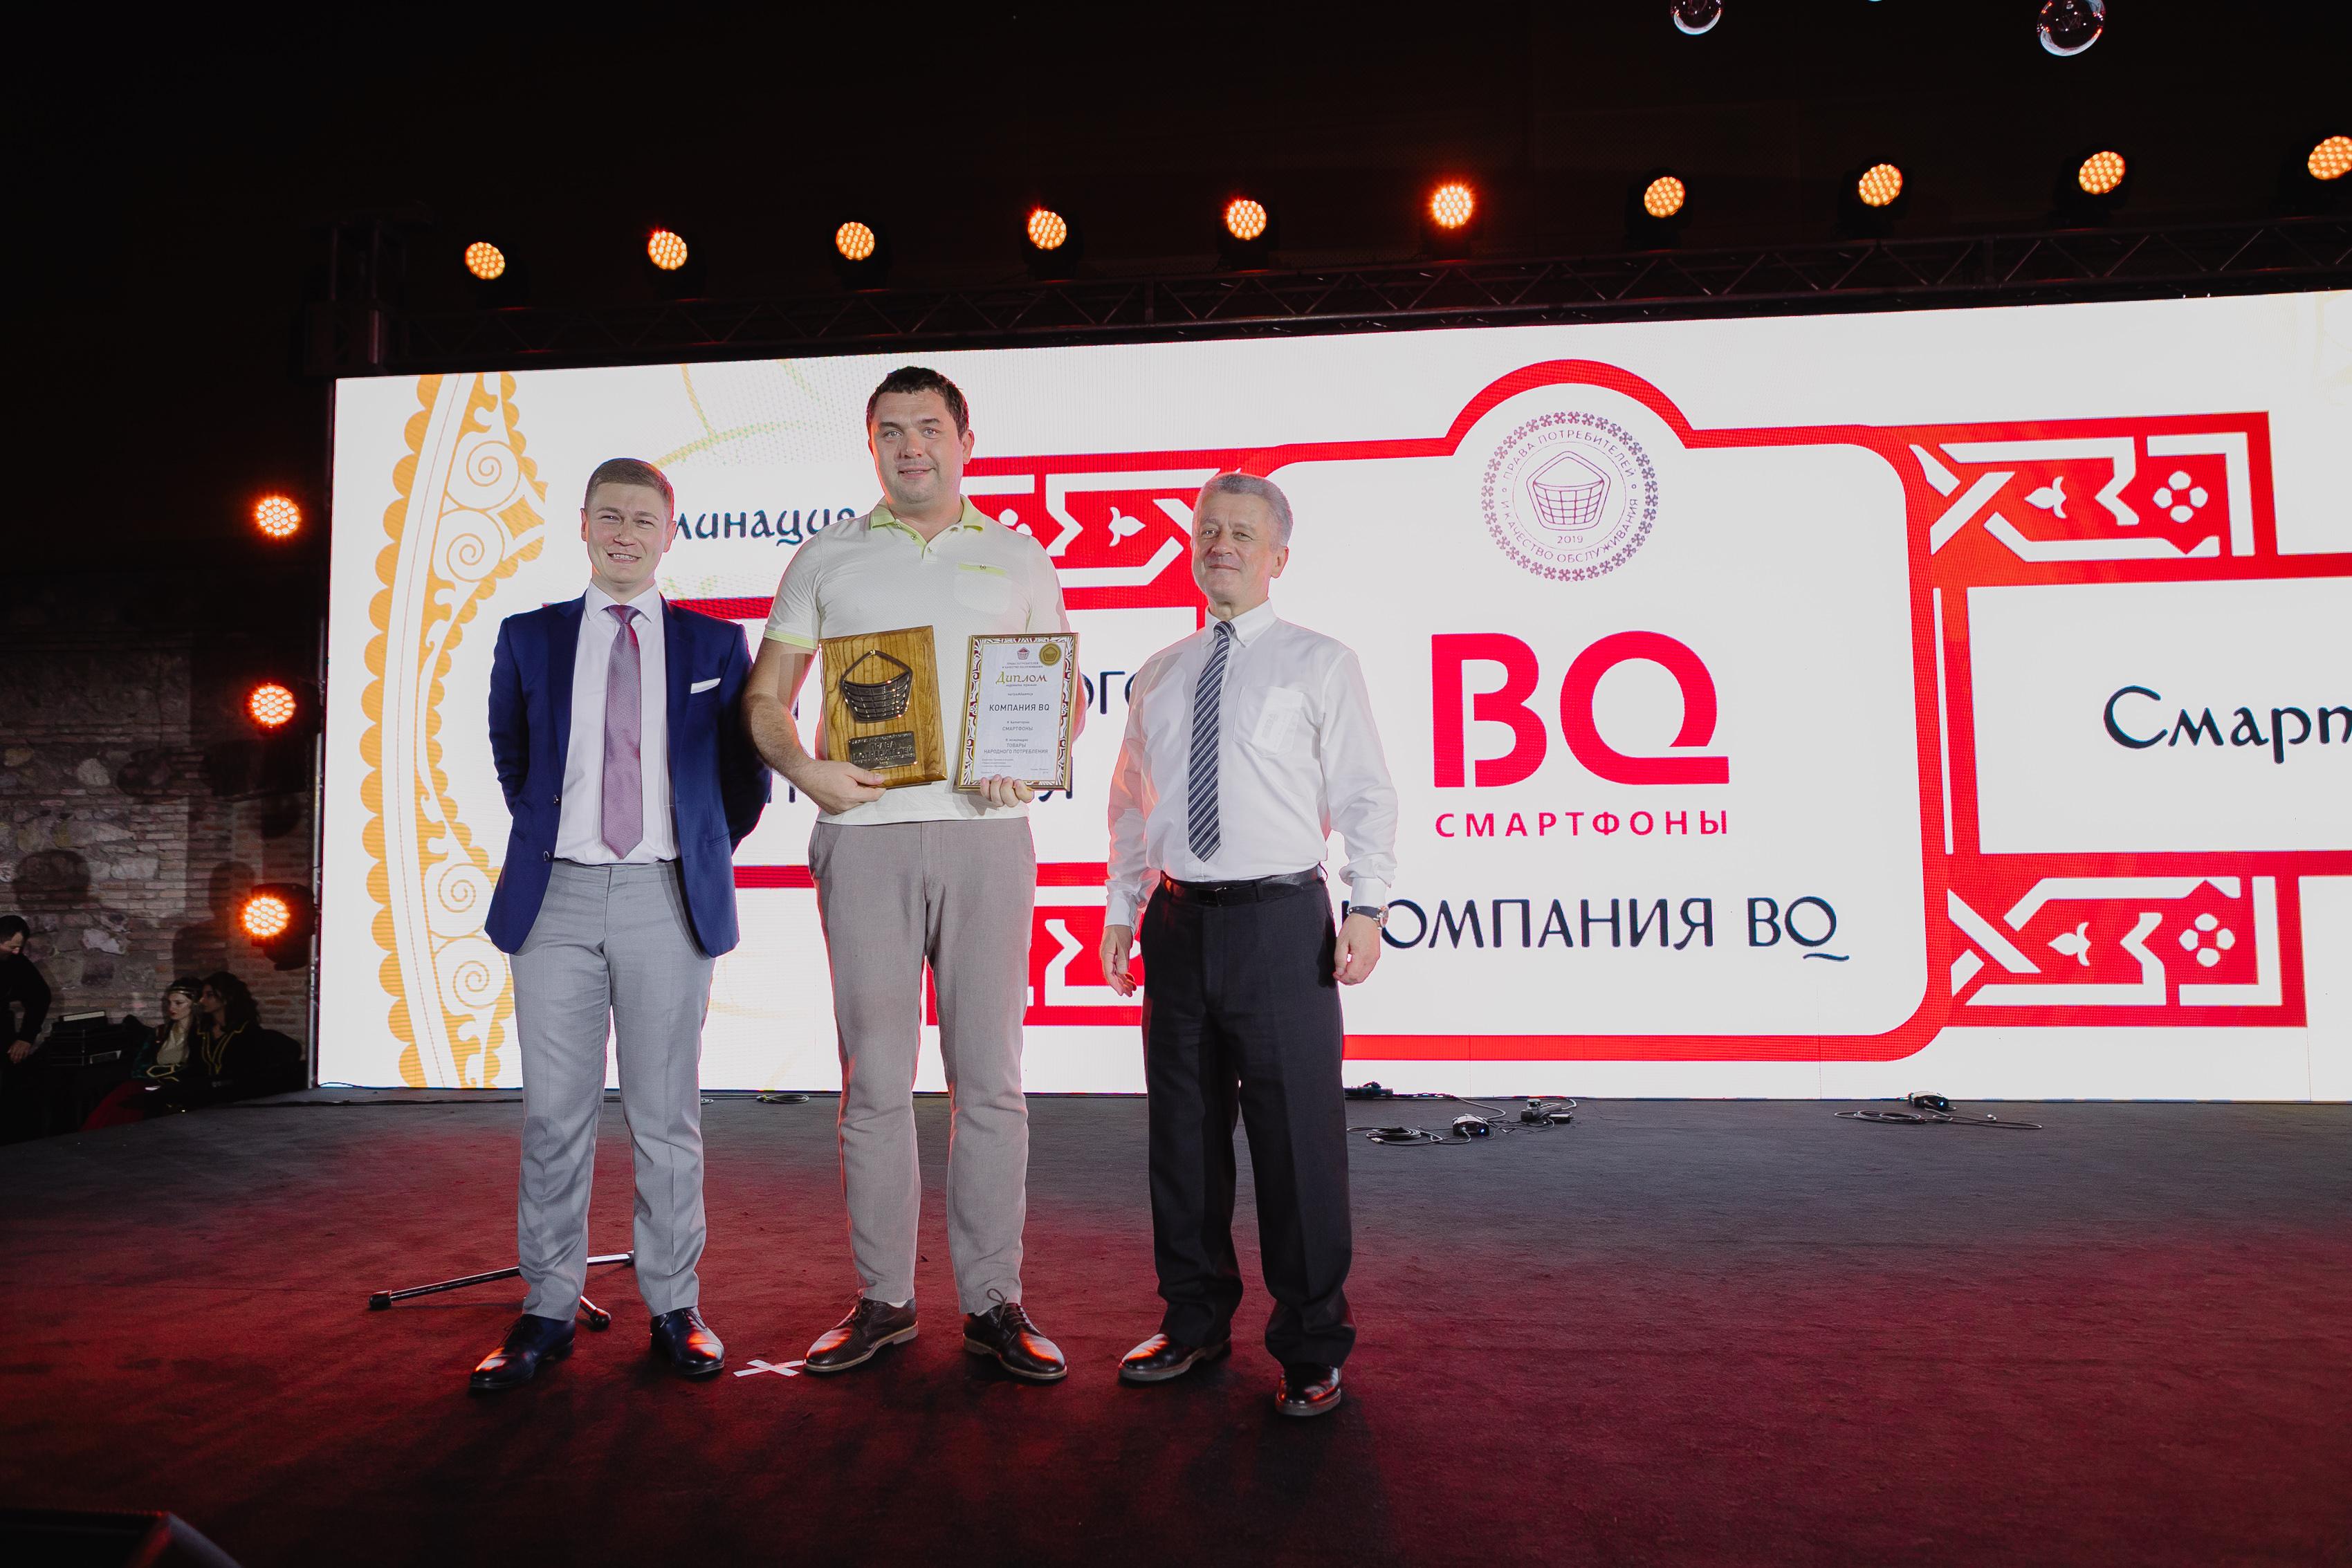 Владимир Пузанов, компания BQ